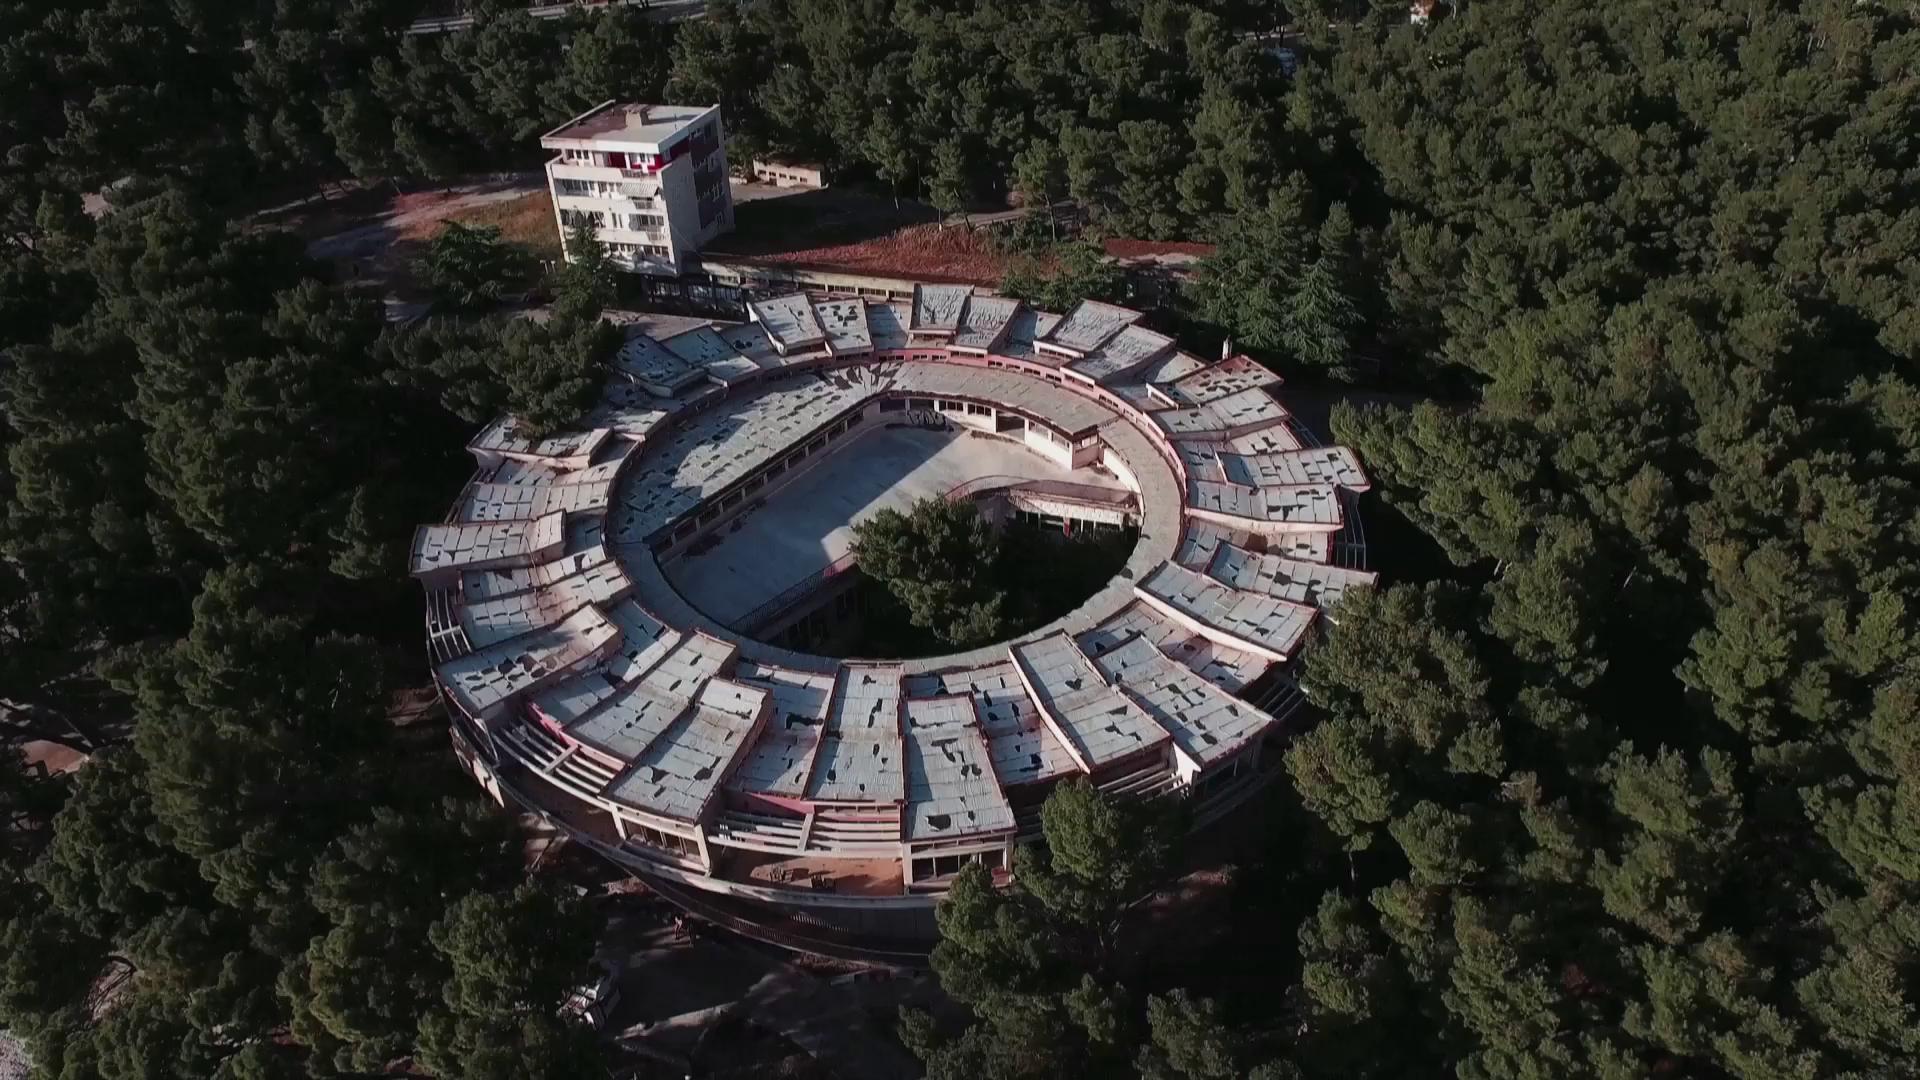 Településeknél is nagyobb kihalt hotelek – 8. Budapesti Építészeti Filmnapok